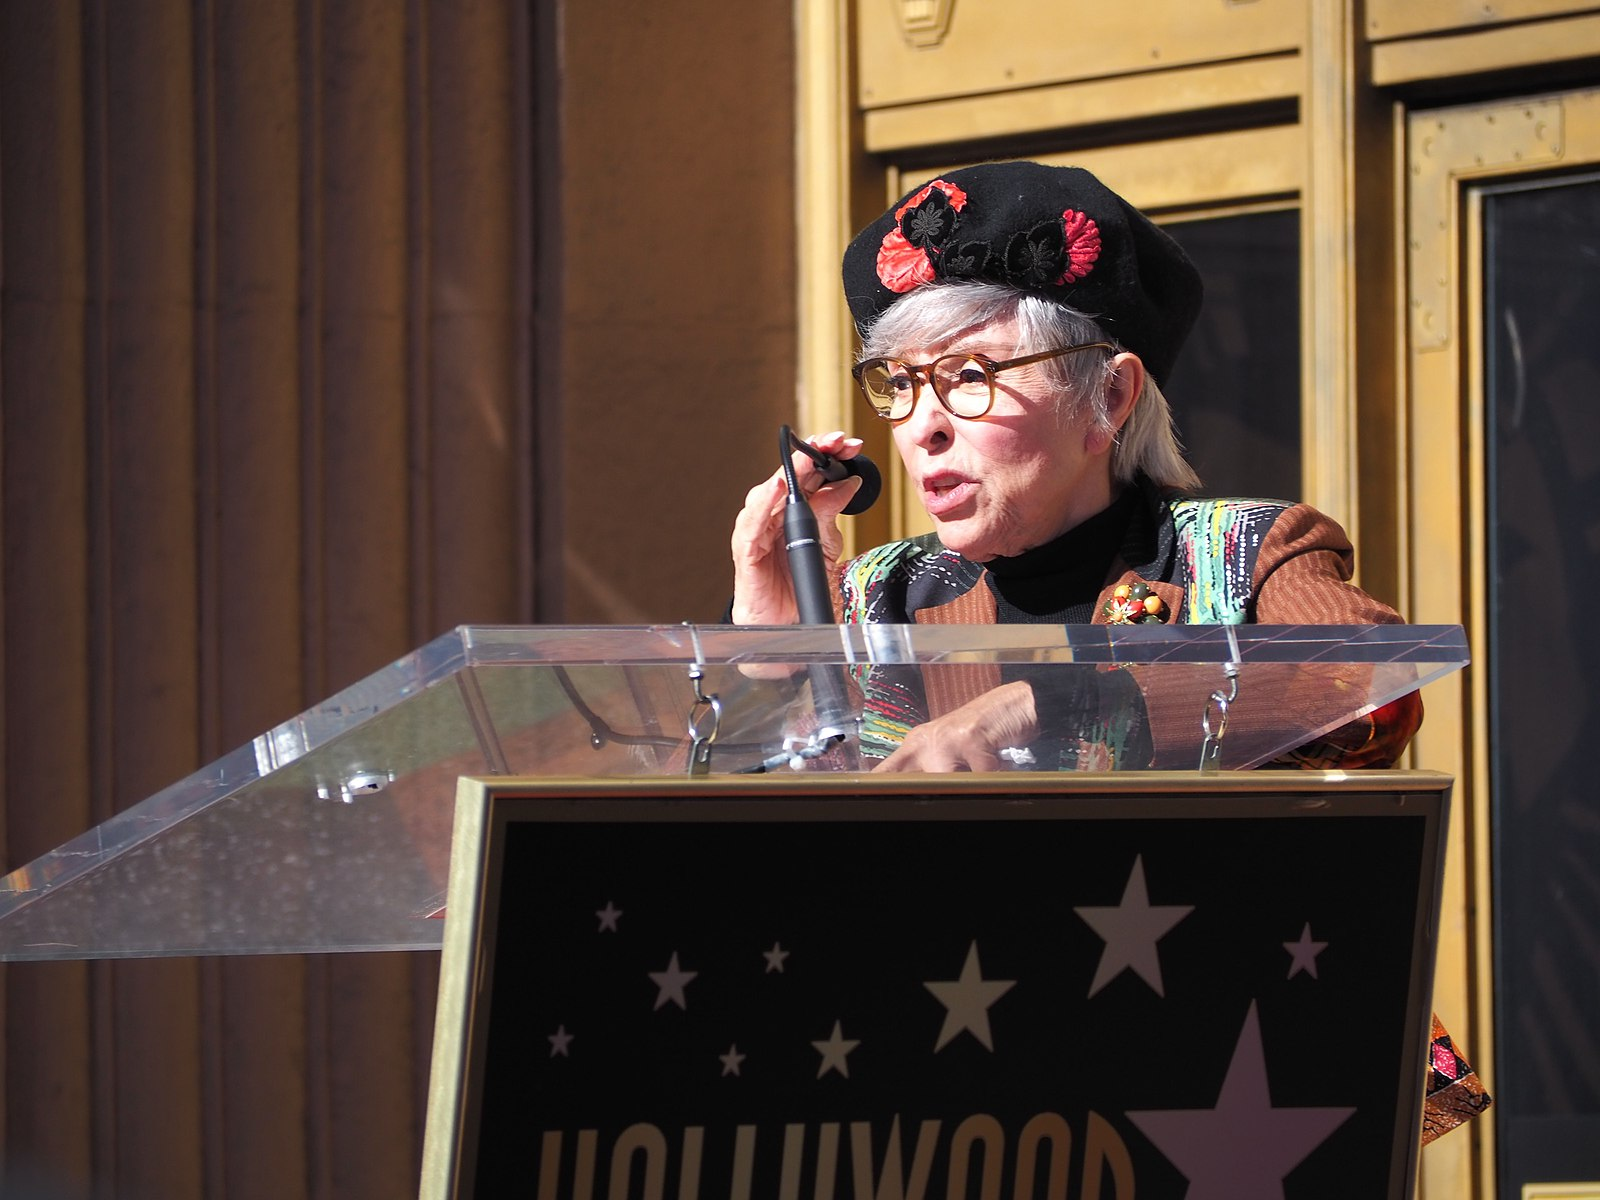 American Masters reconoce vida y carrera de legendaria actriz Rita Moreno